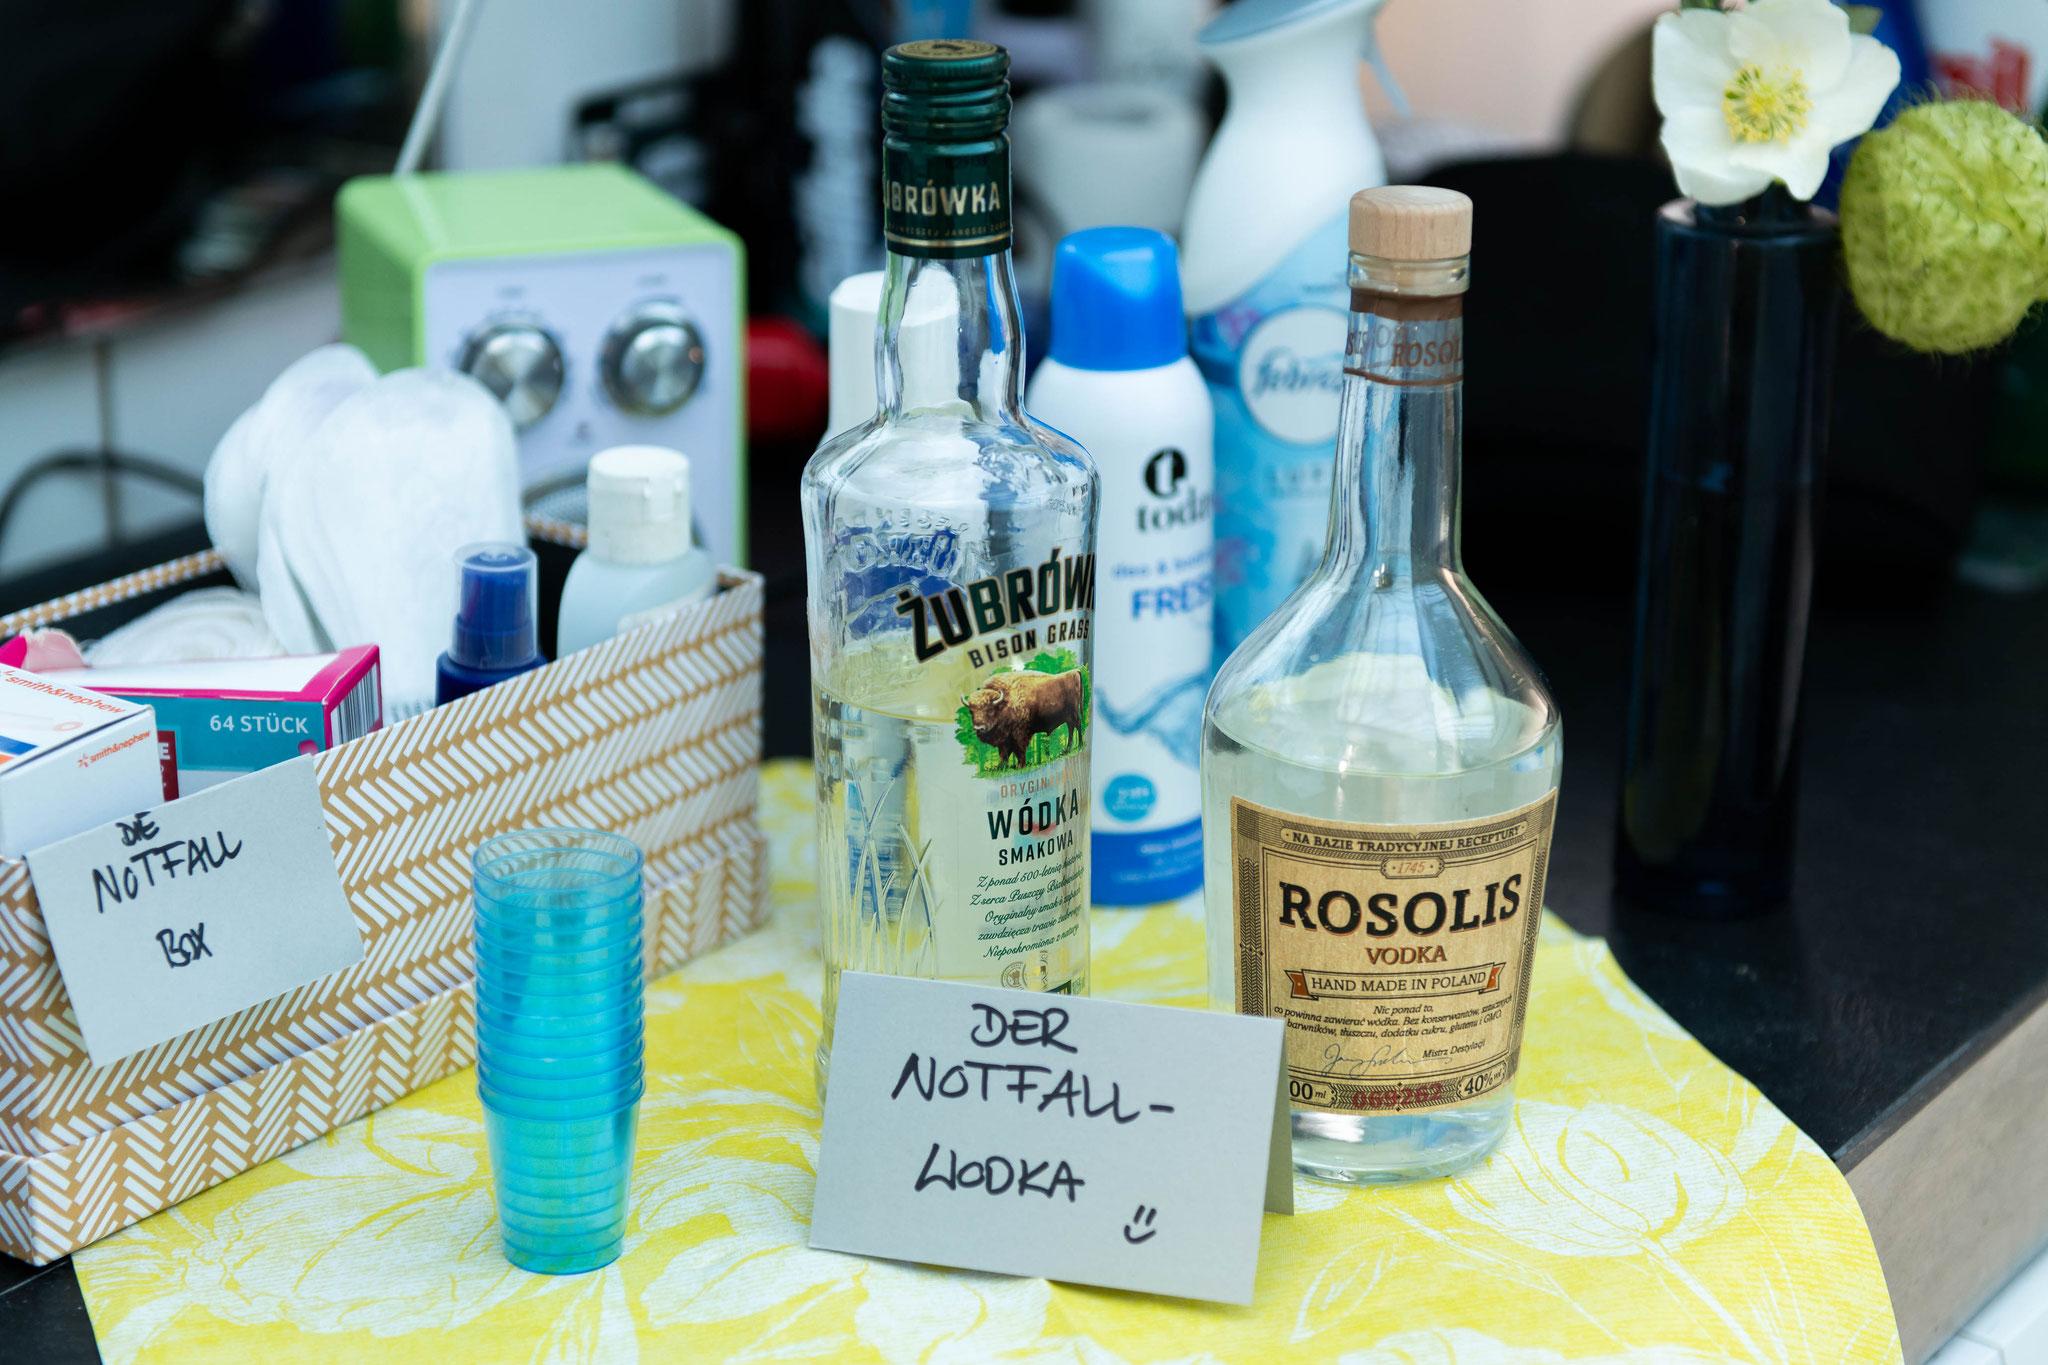 Die Notfall box und Notfall Vodka für die Hochzeitsnacht